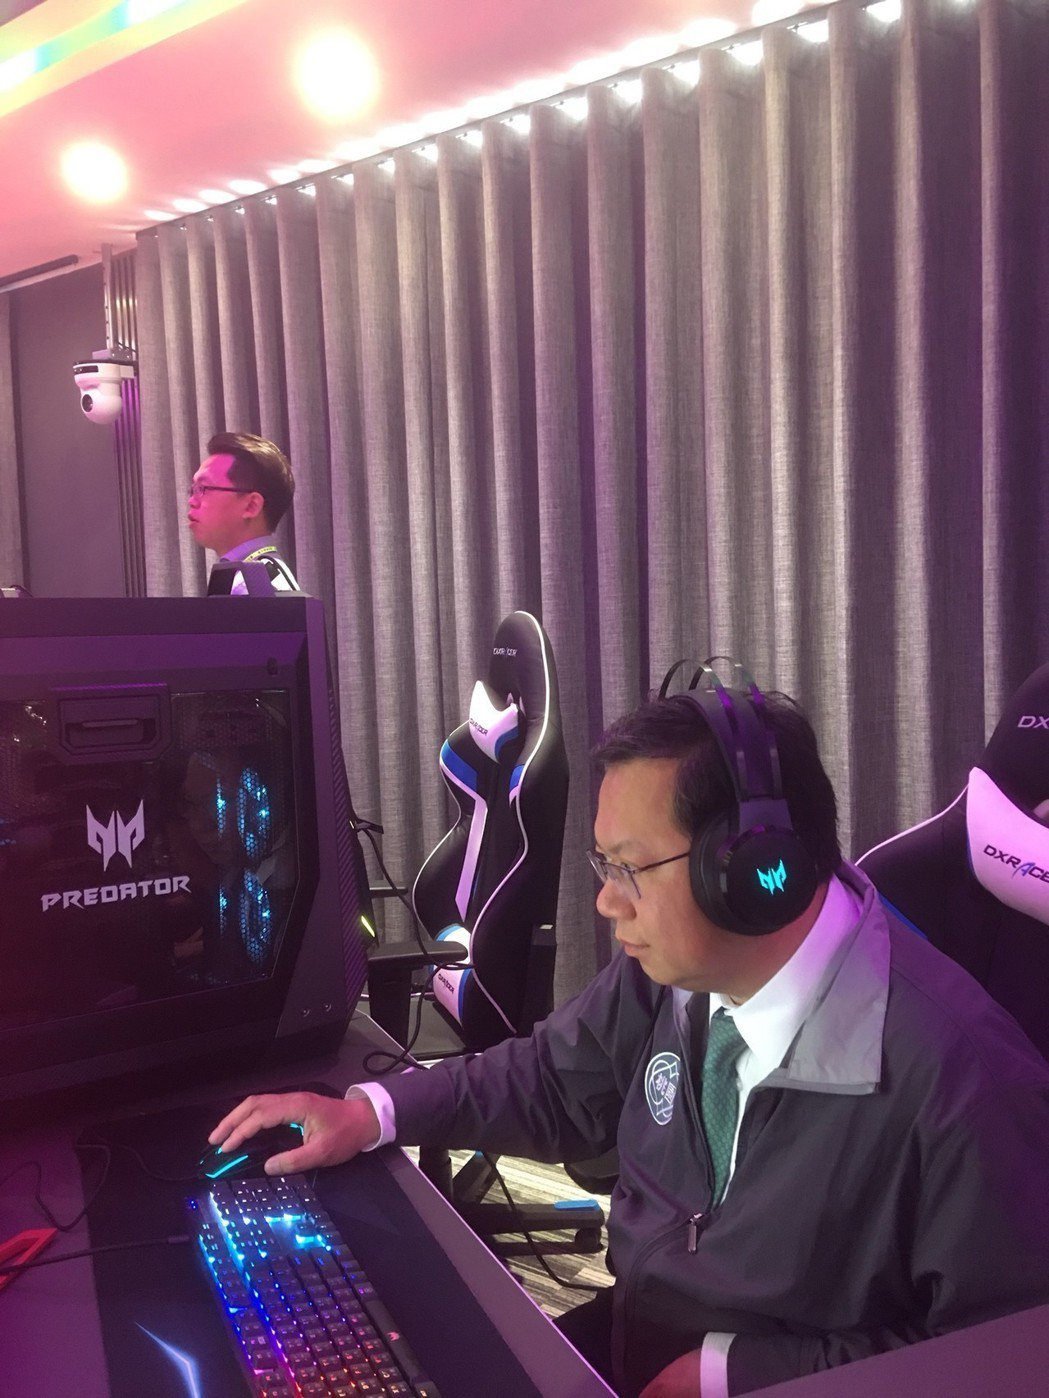 桃園市大家長鄭文燦對Acer Predator的專業度給予肯定。  宏碁/提供